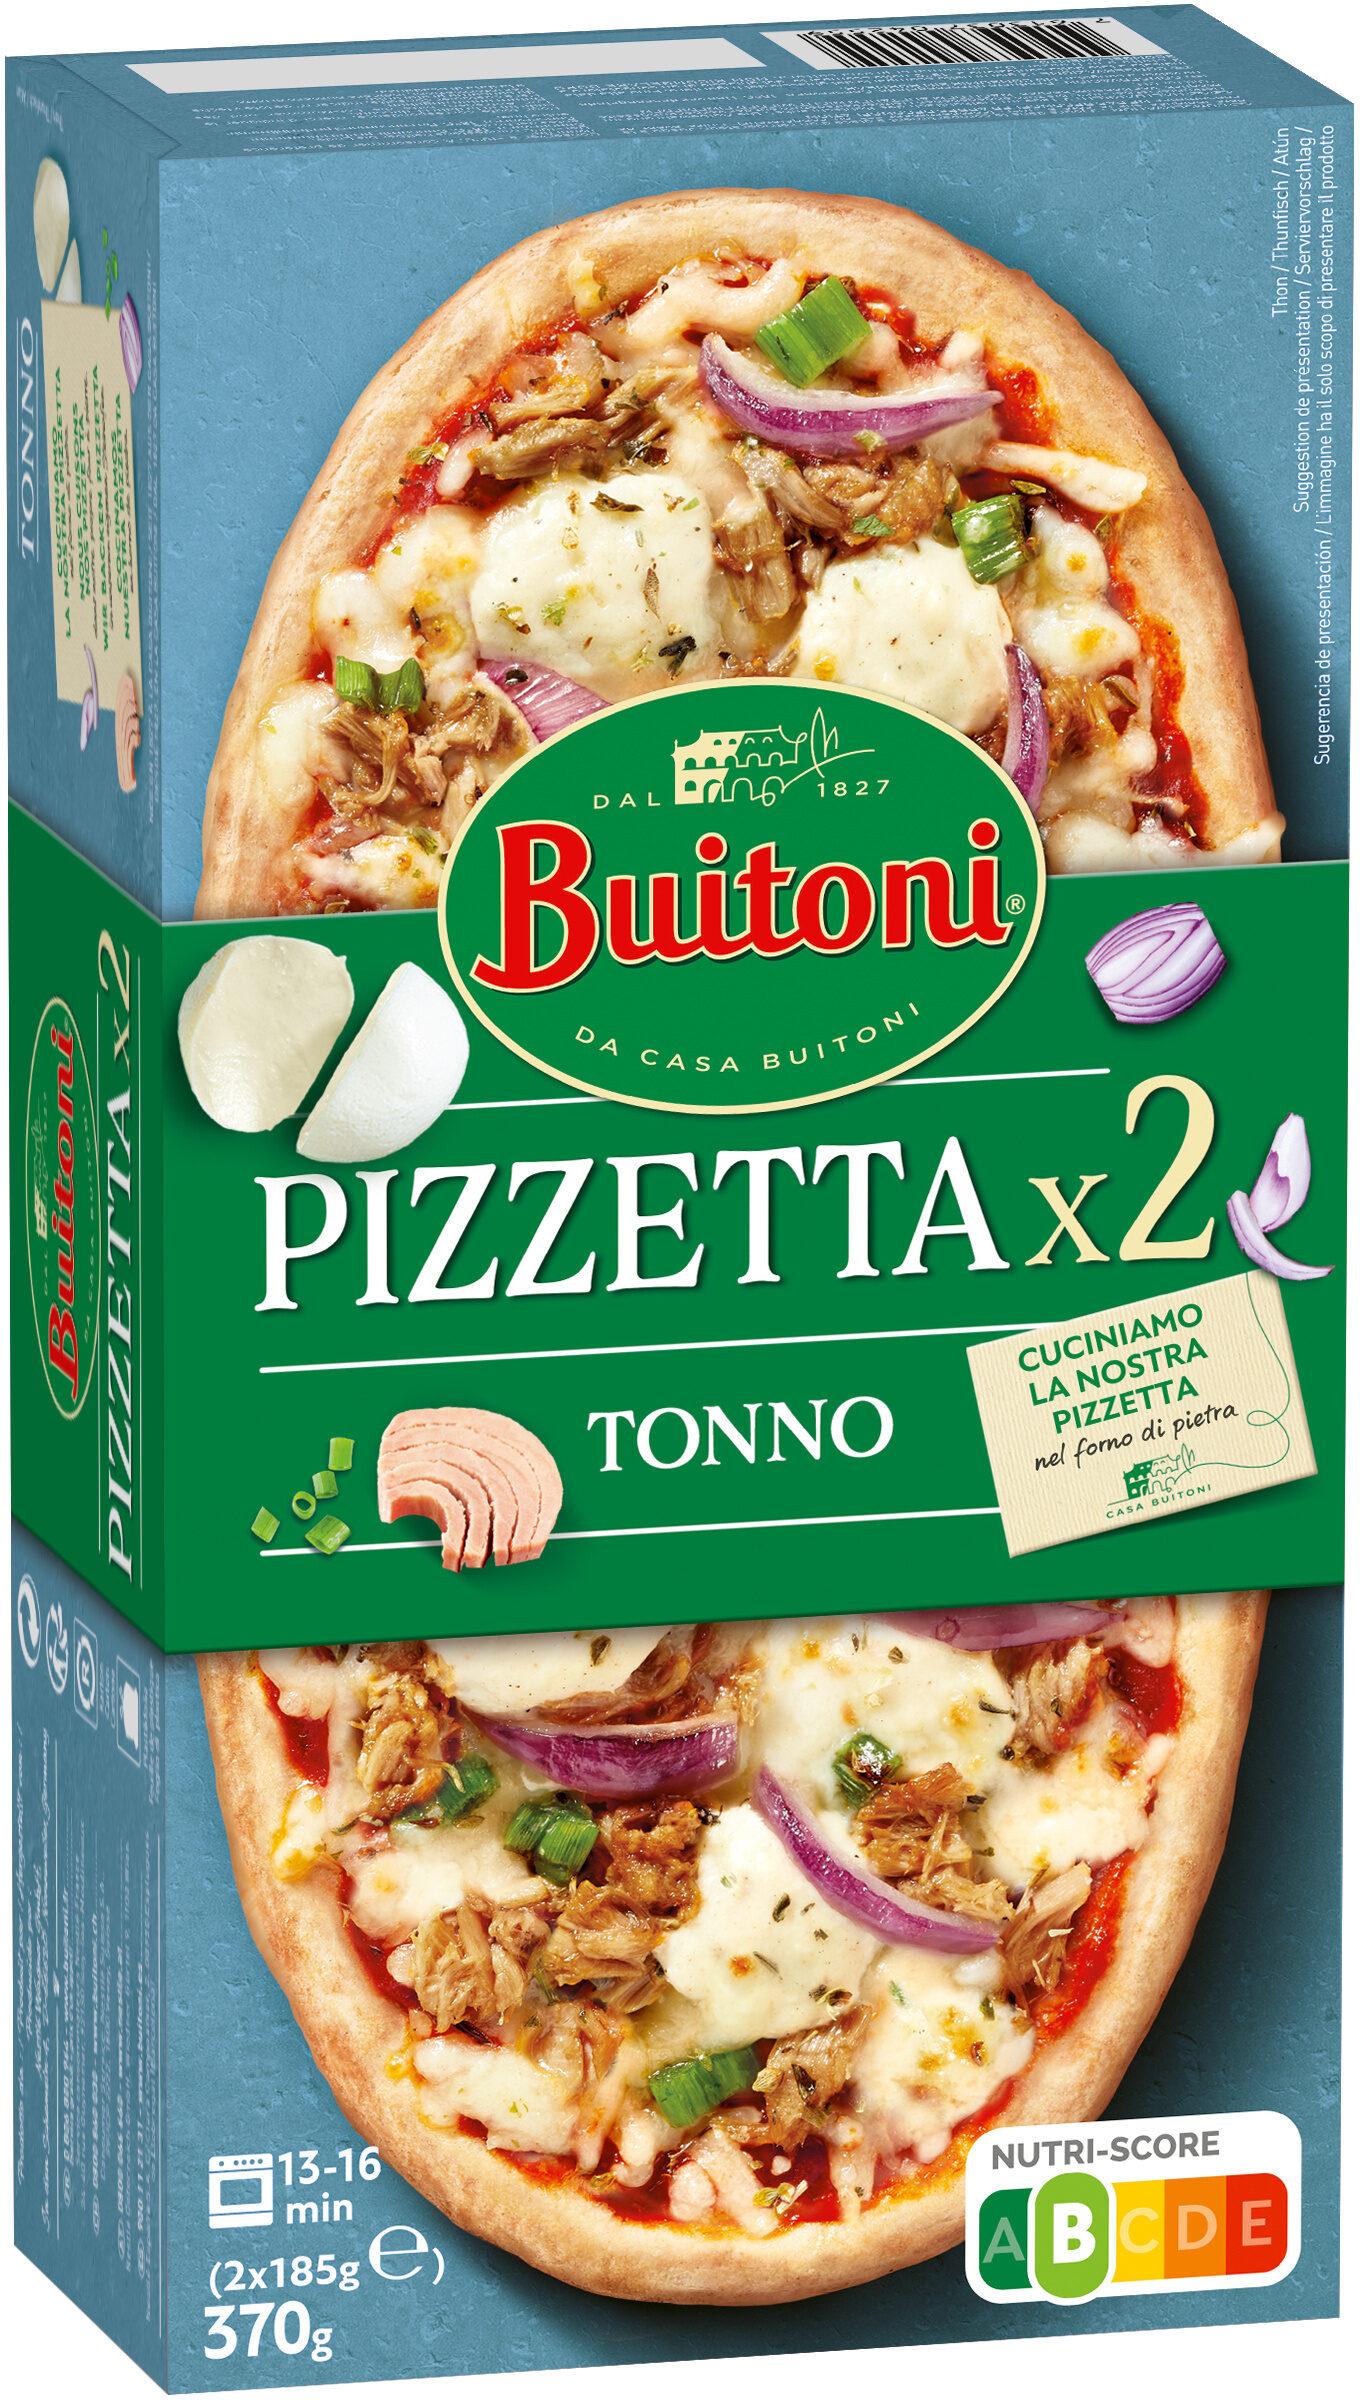 BUITONI PIZZETTA Tonno 2X185g - Prodotto - fr